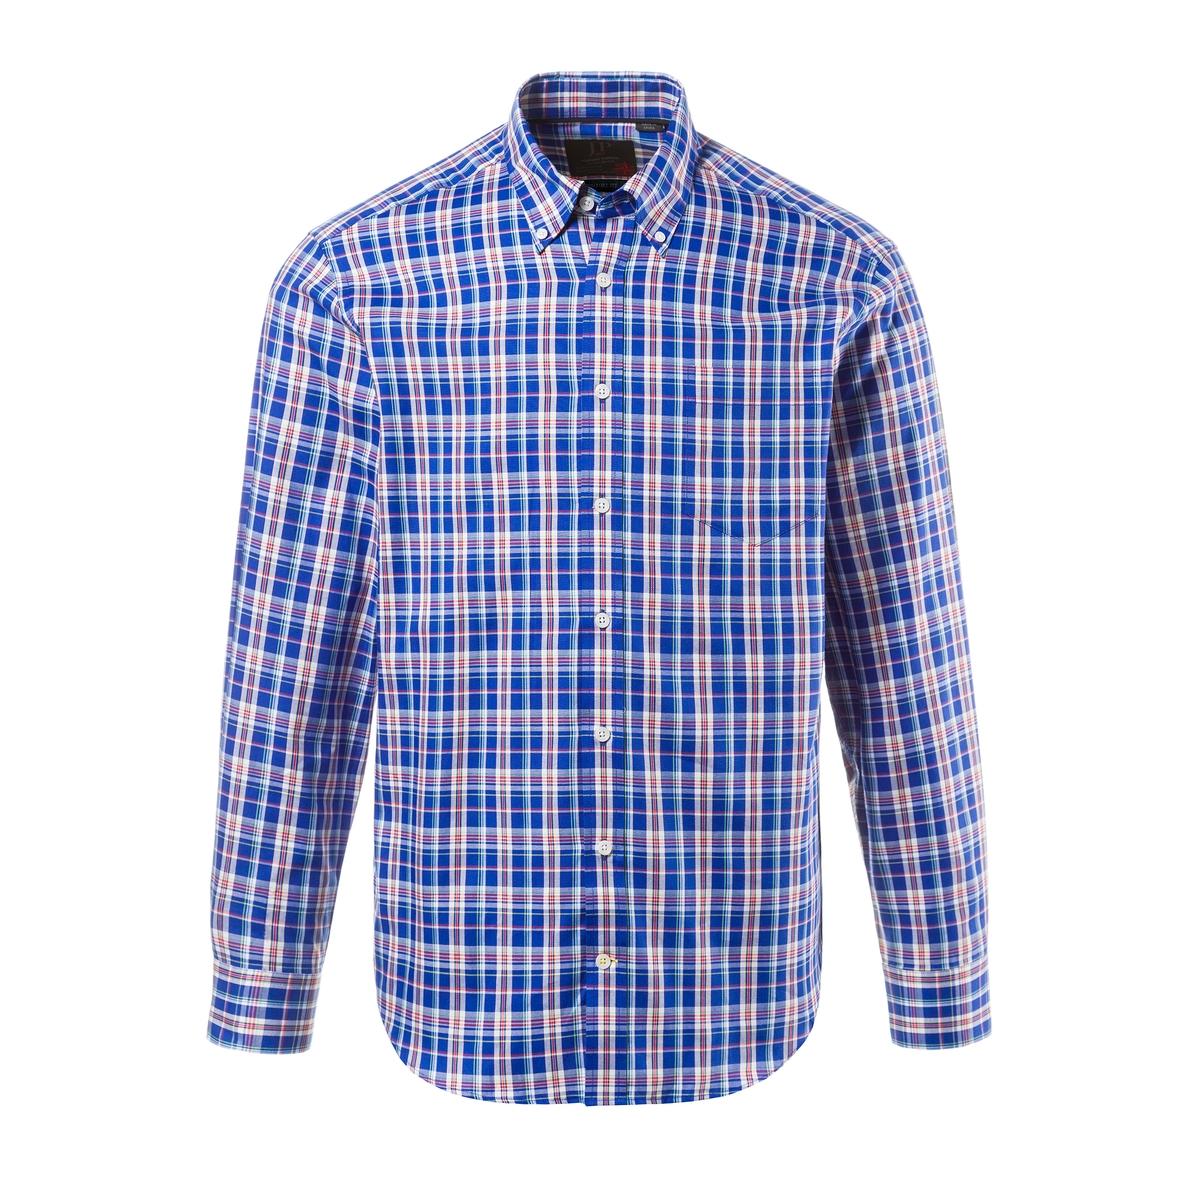 где купить Рубашка с длинными рукавами по лучшей цене